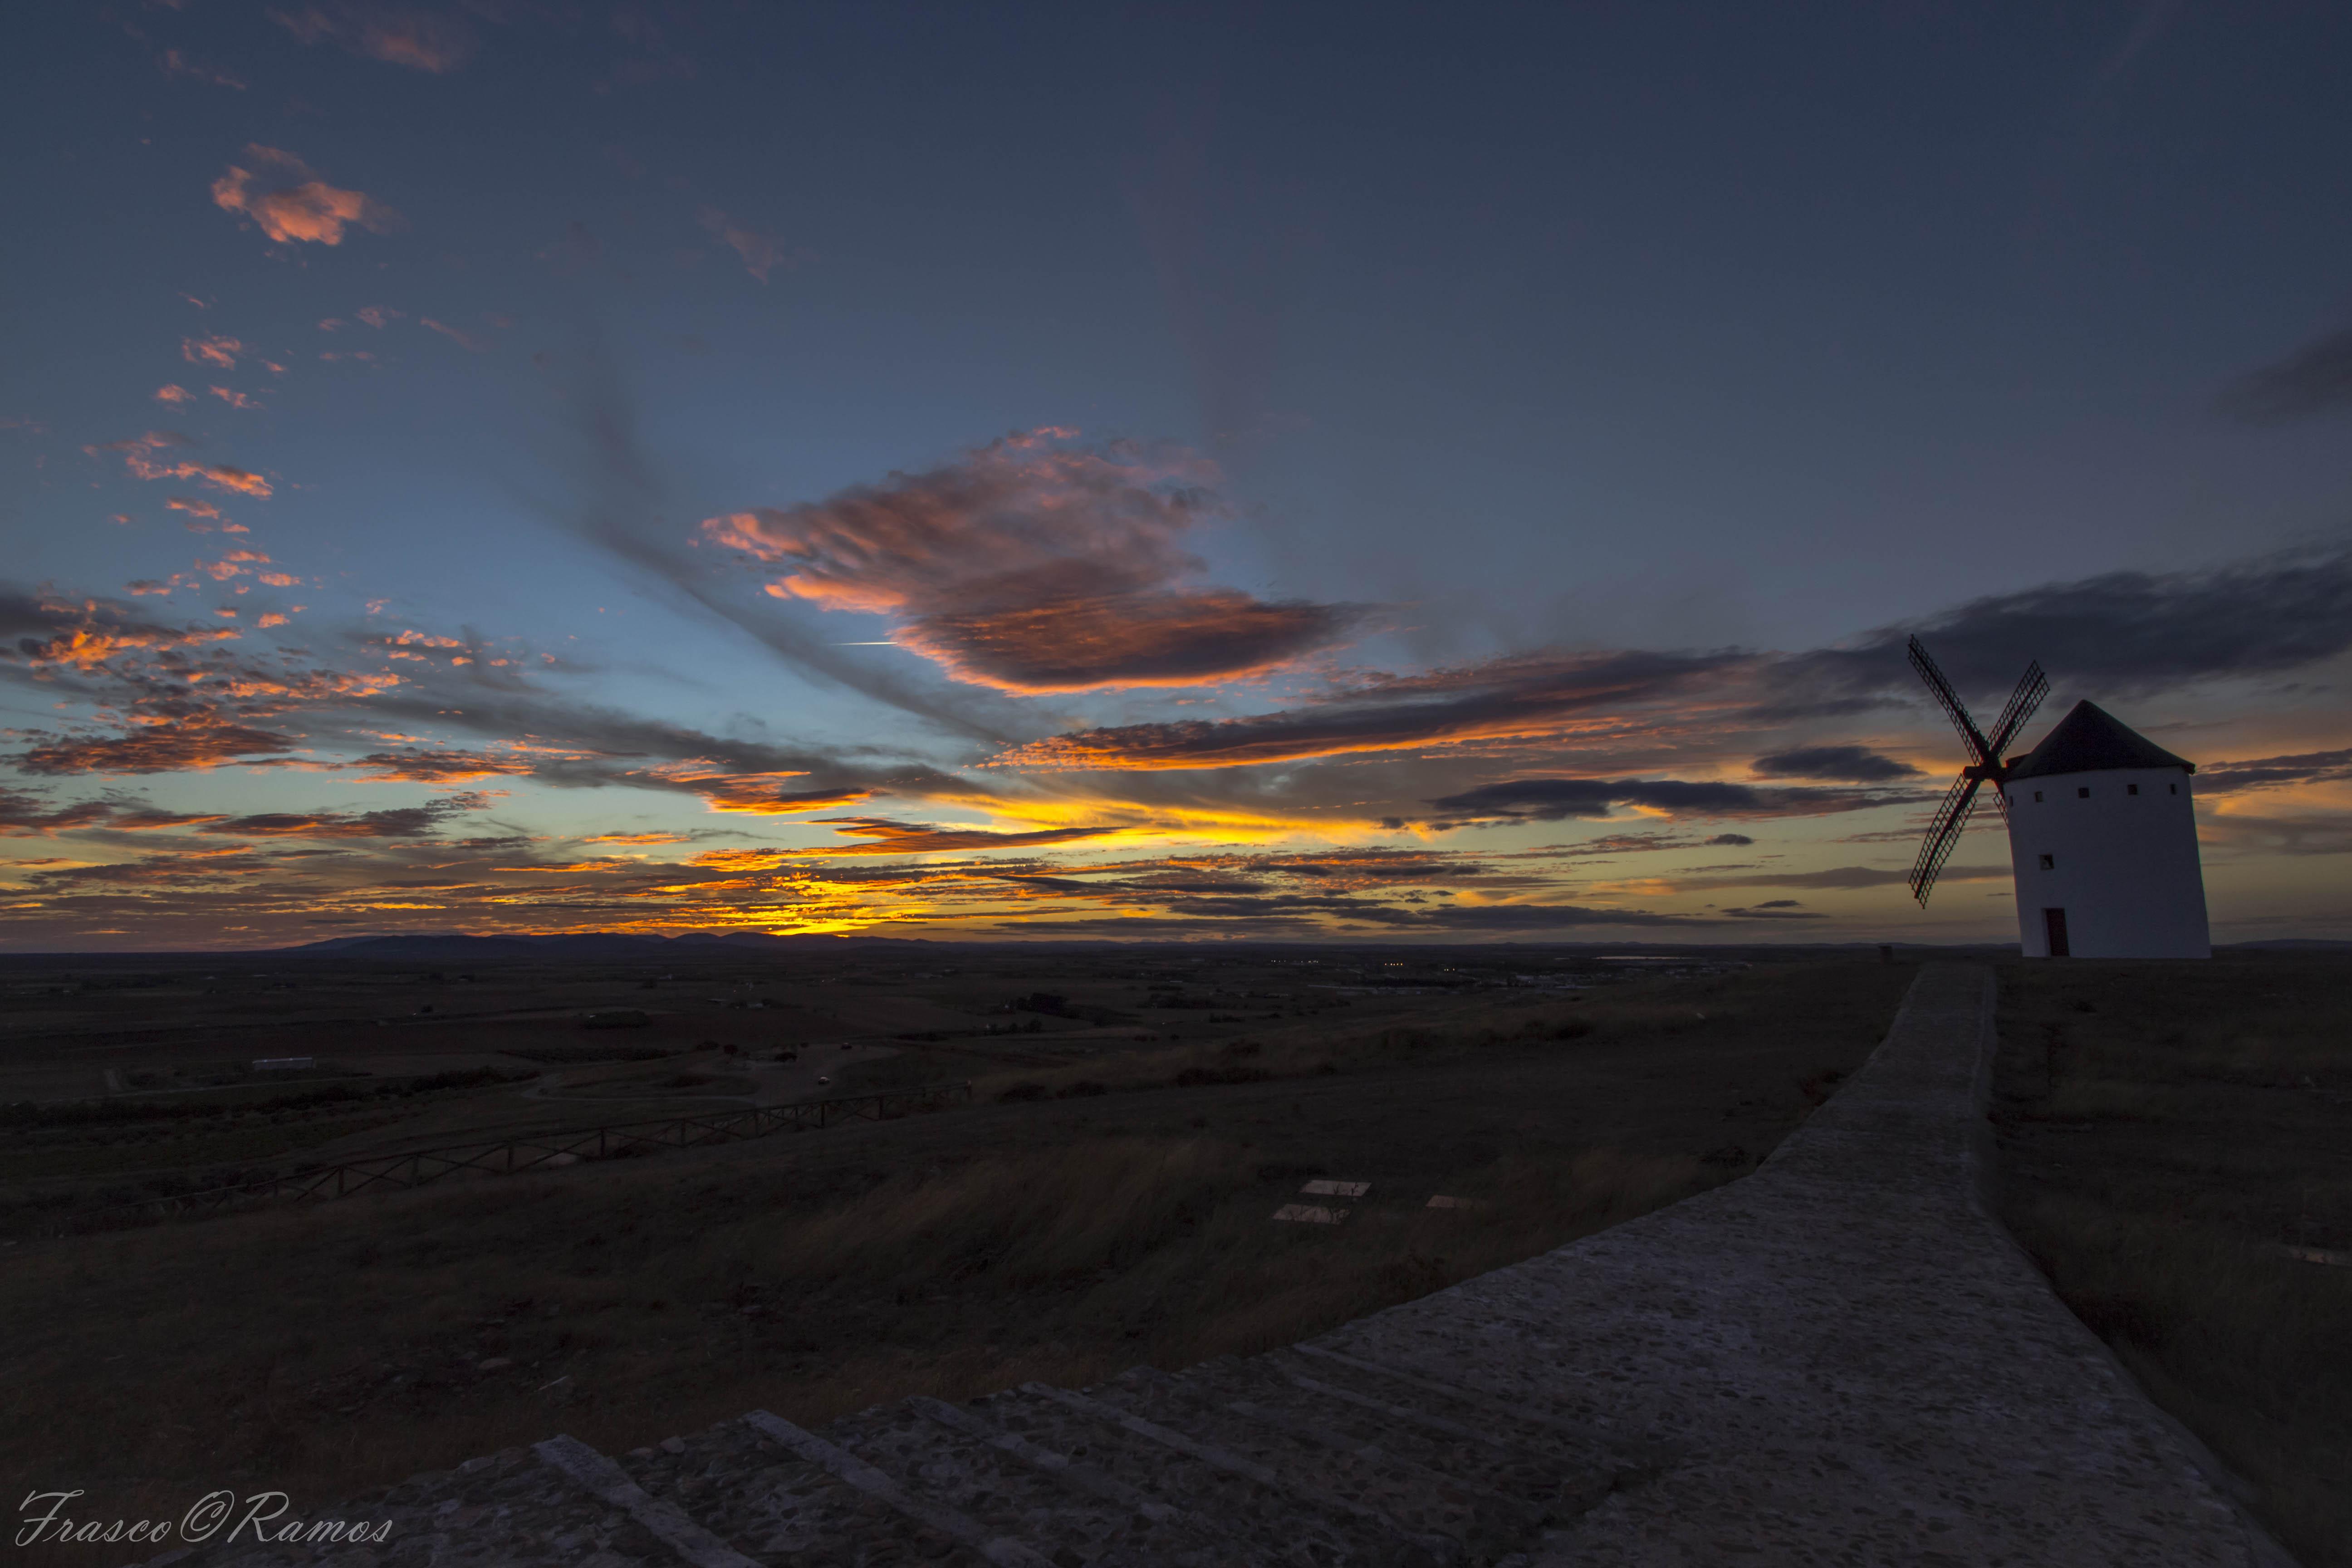 デスクトップ壁紙 風景 日没 丘 空 日の出 イブニング 朝